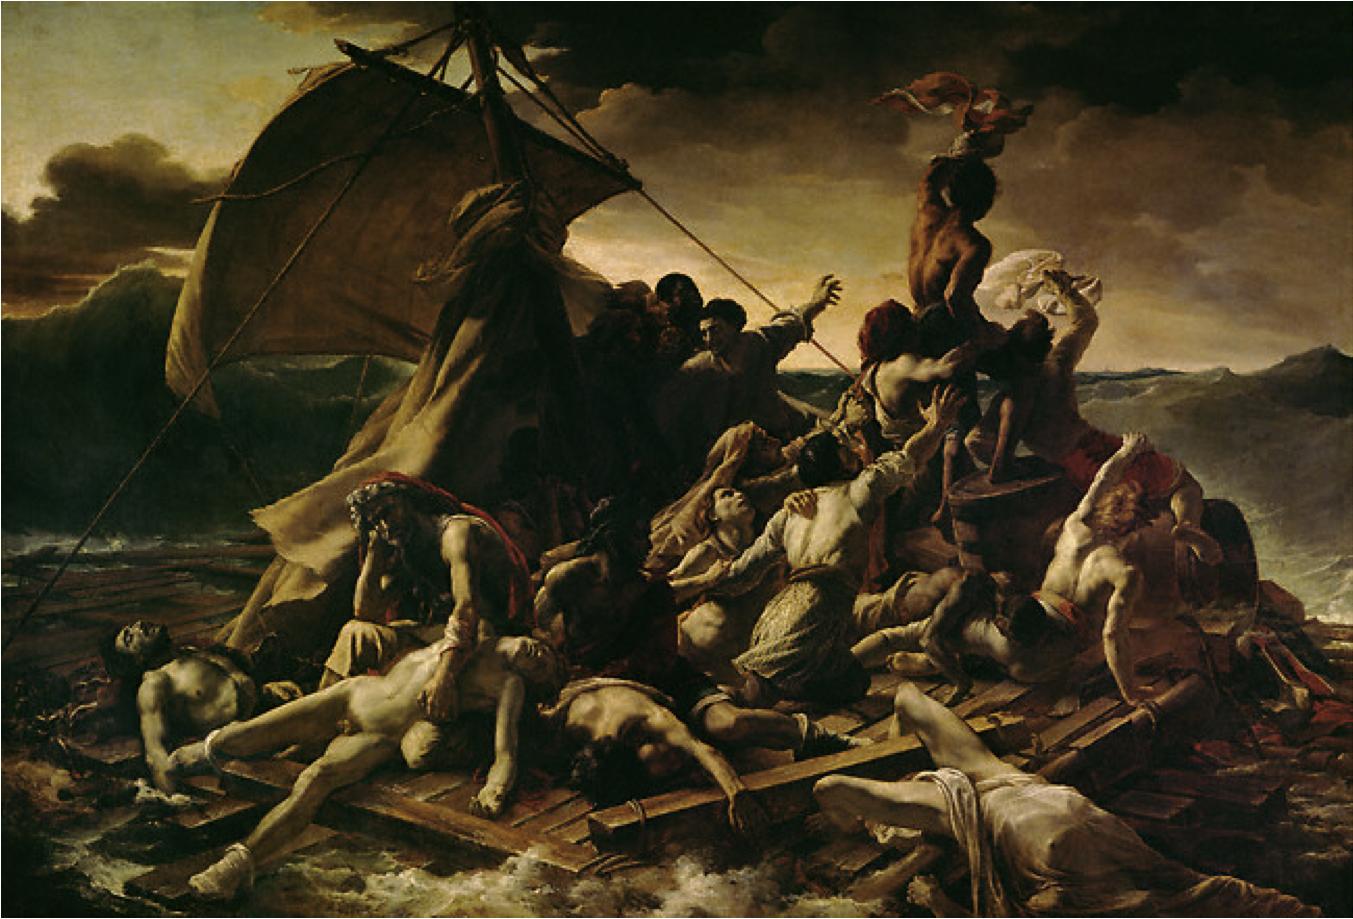 Le tableau Le Radeau de La Méduse de Théodore Géricault